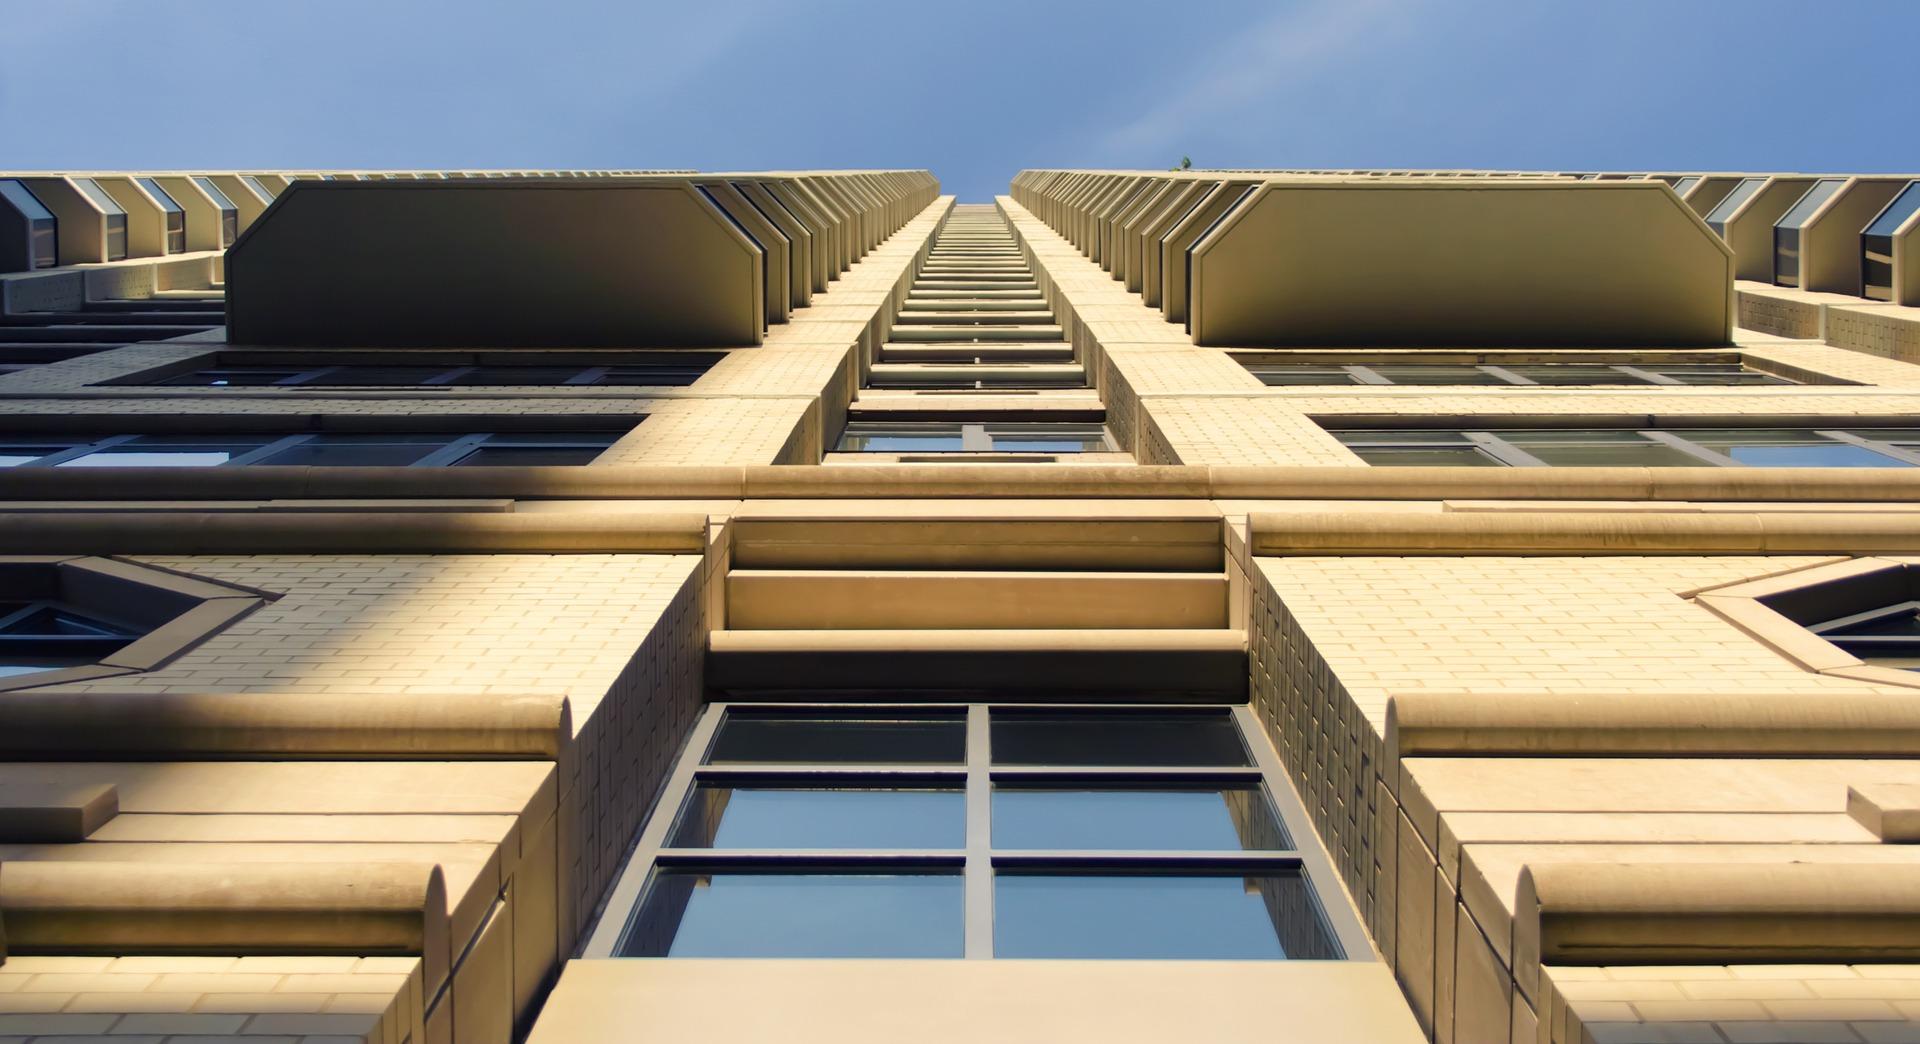 architecture-1127182_1920